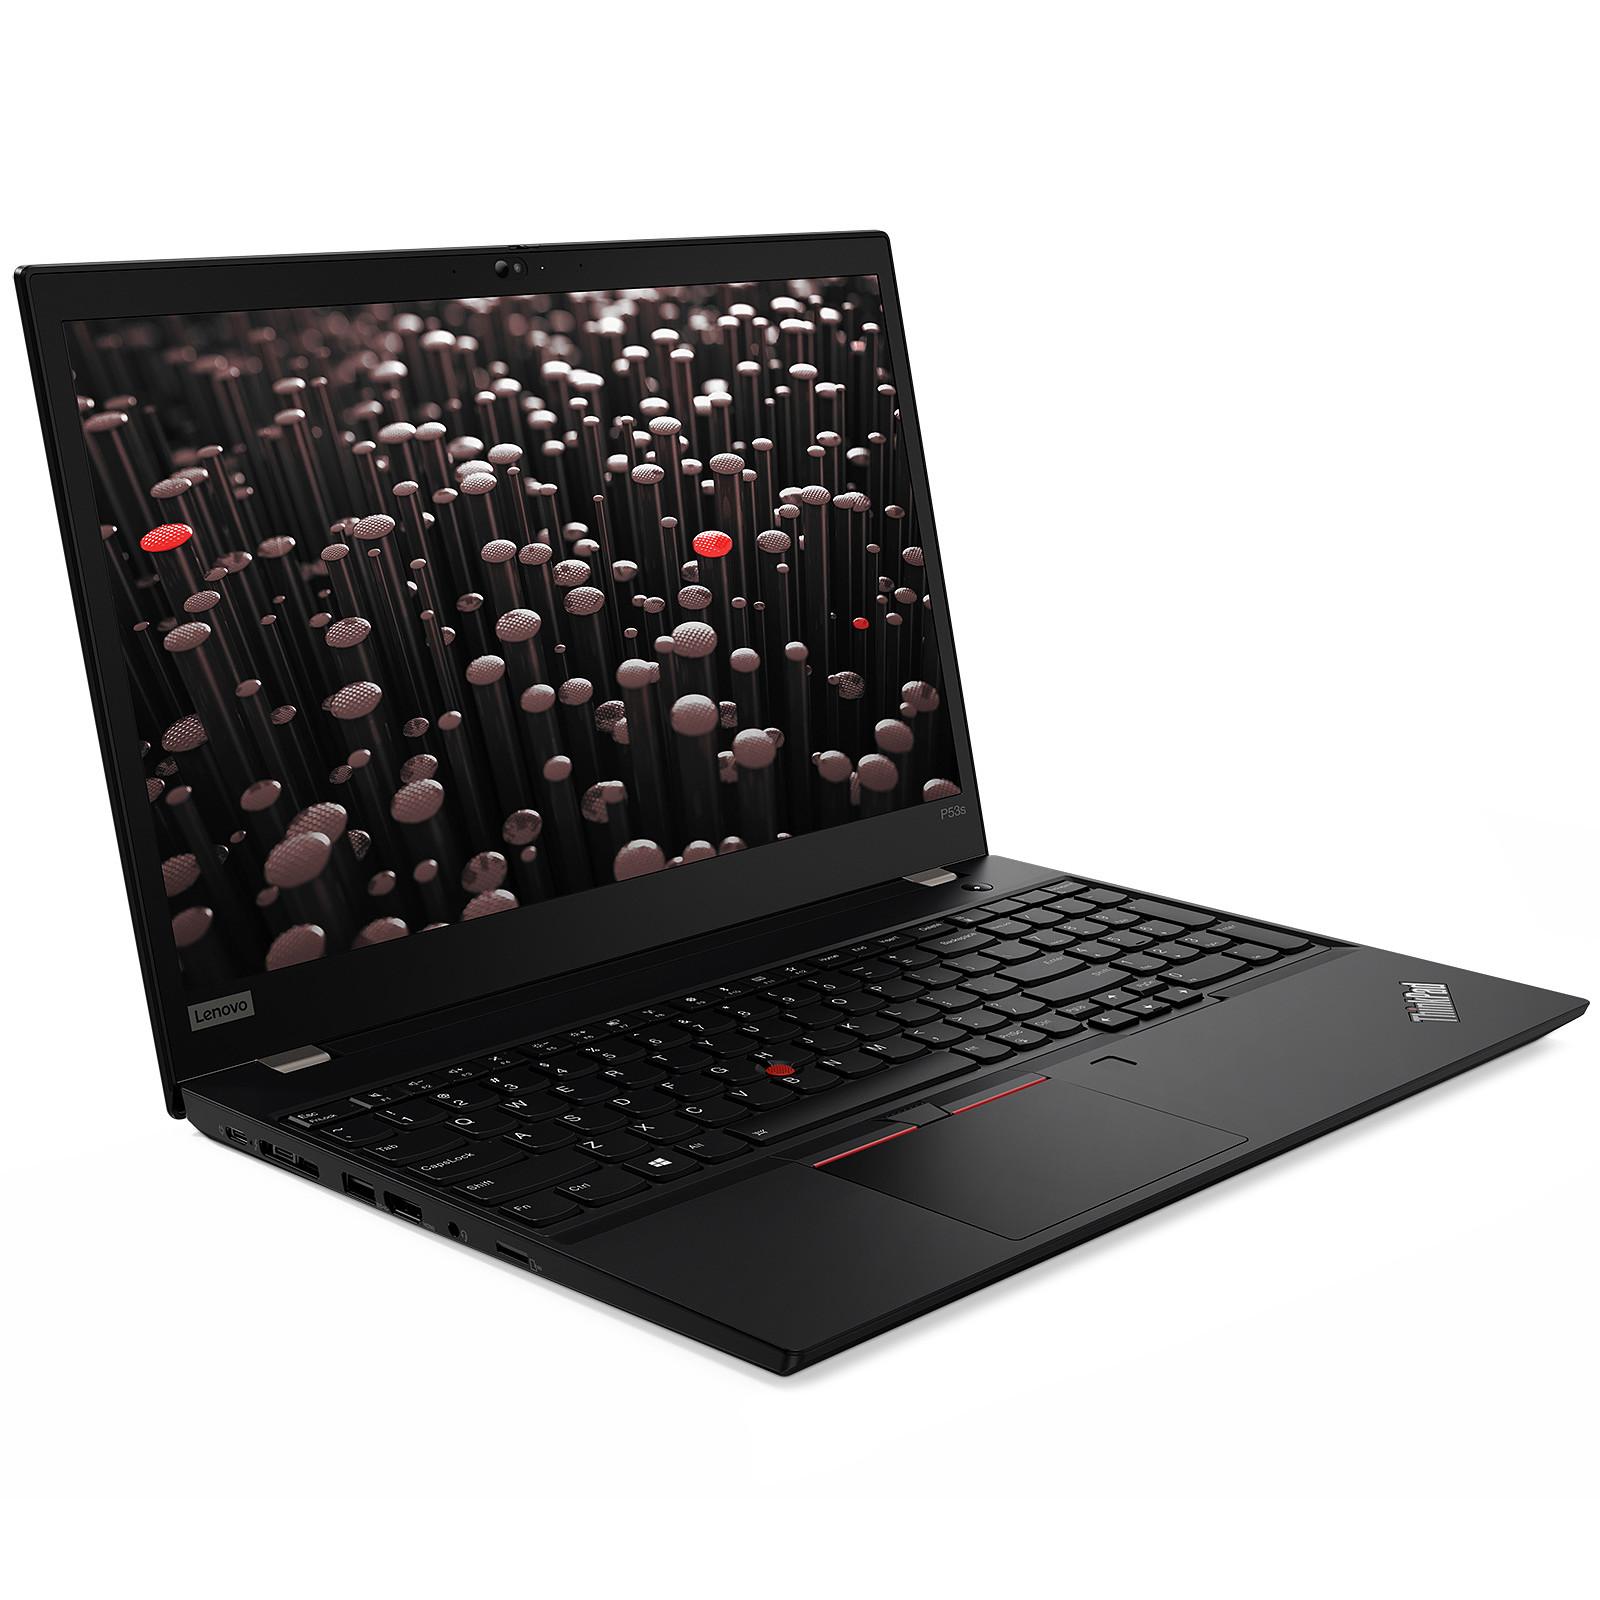 Lenovo ThinkPad P53s (20N6001KFR)